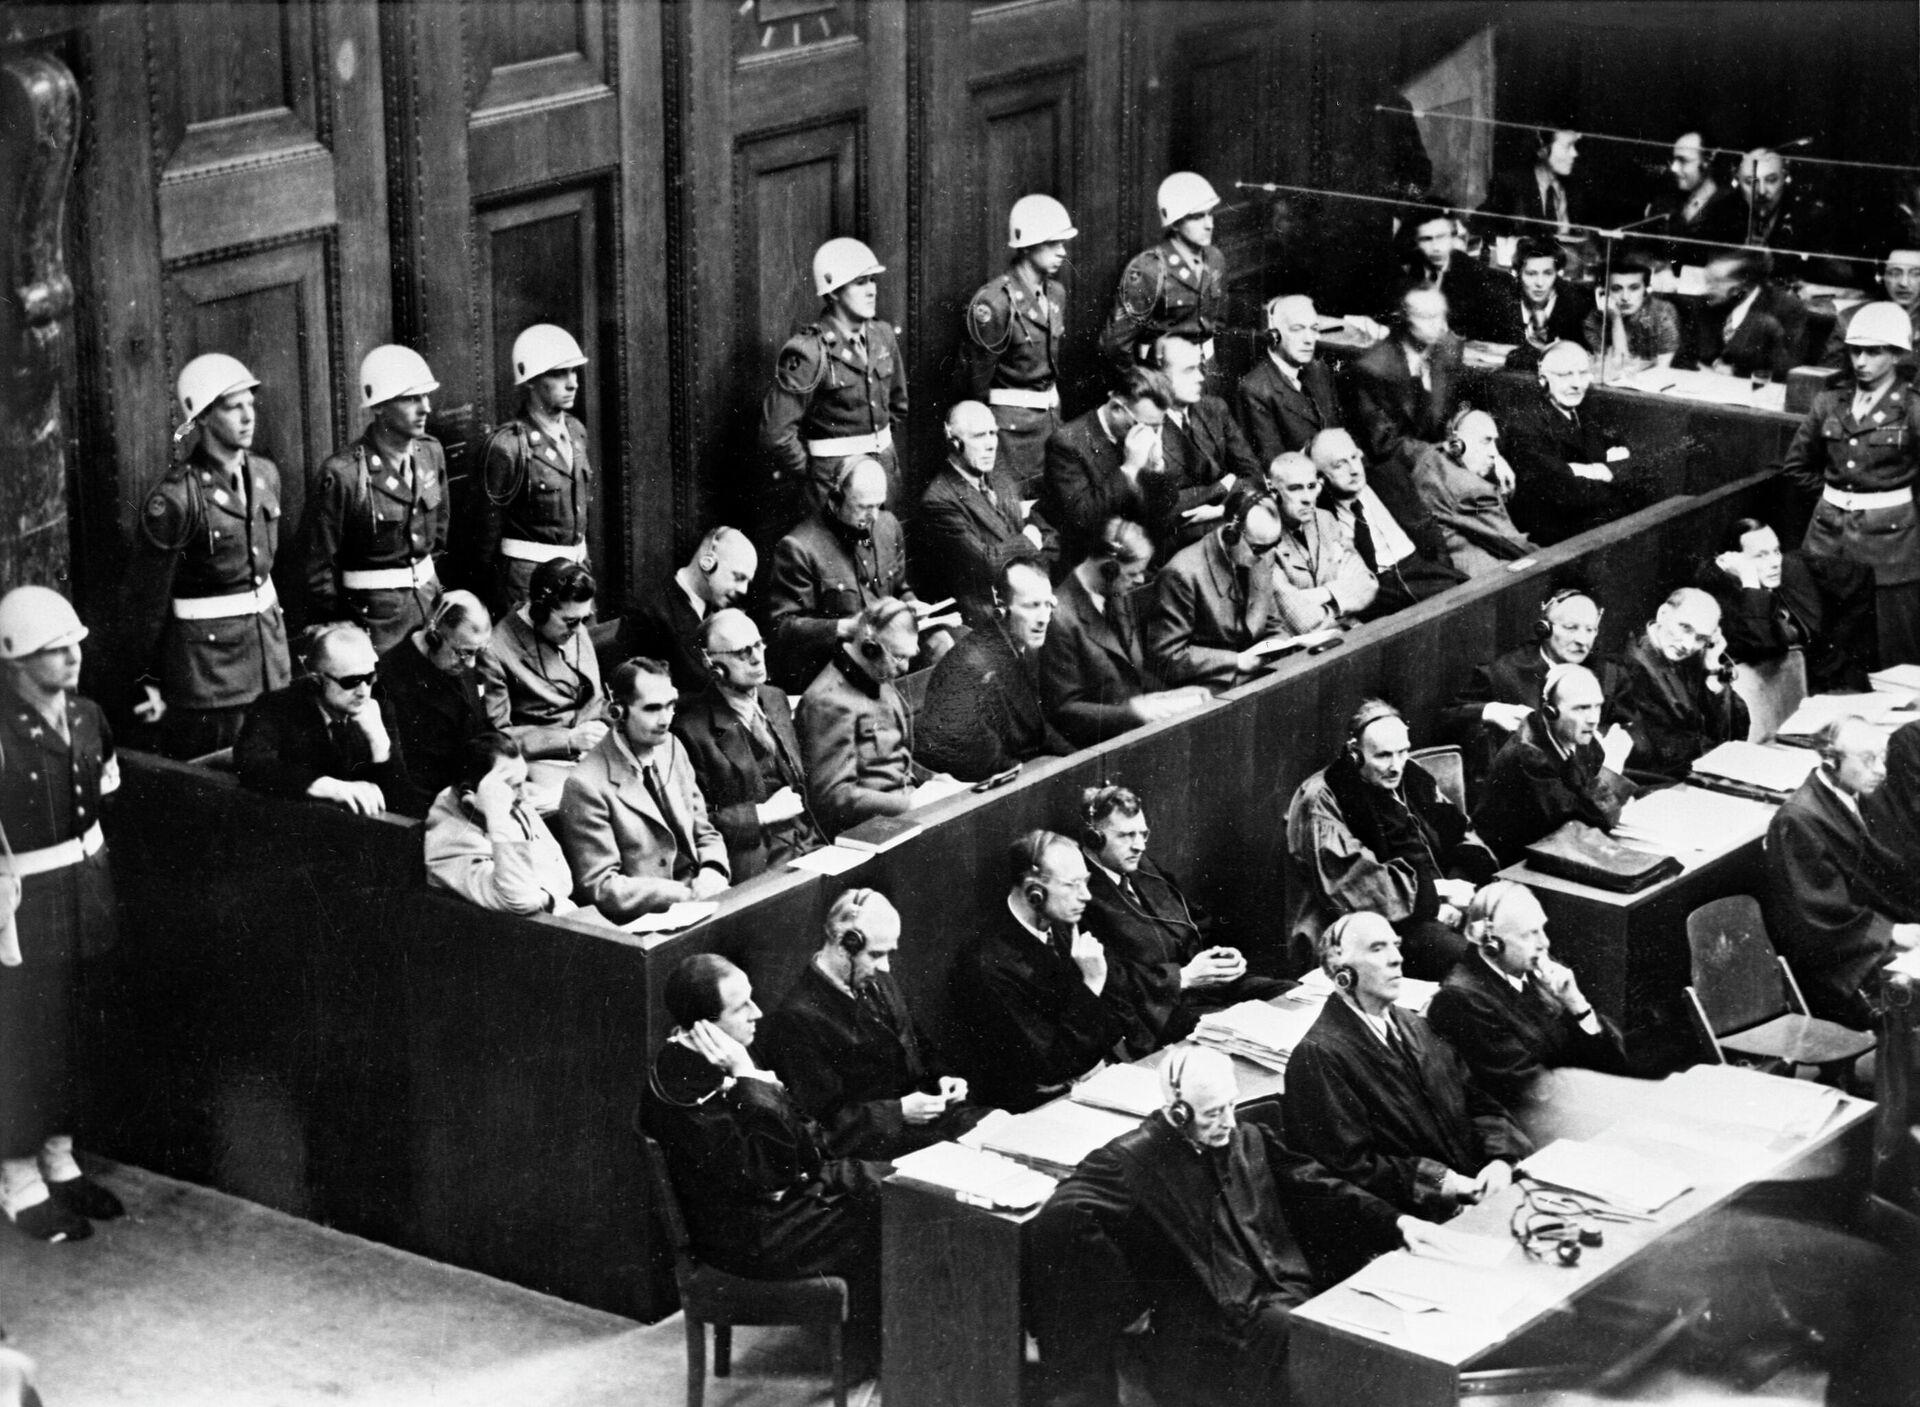 Нюрнбергский процесс. На скамье подсудимых  бывшие руководители гитлеровской Германии  - РИА Новости, 1920, 29.04.2021